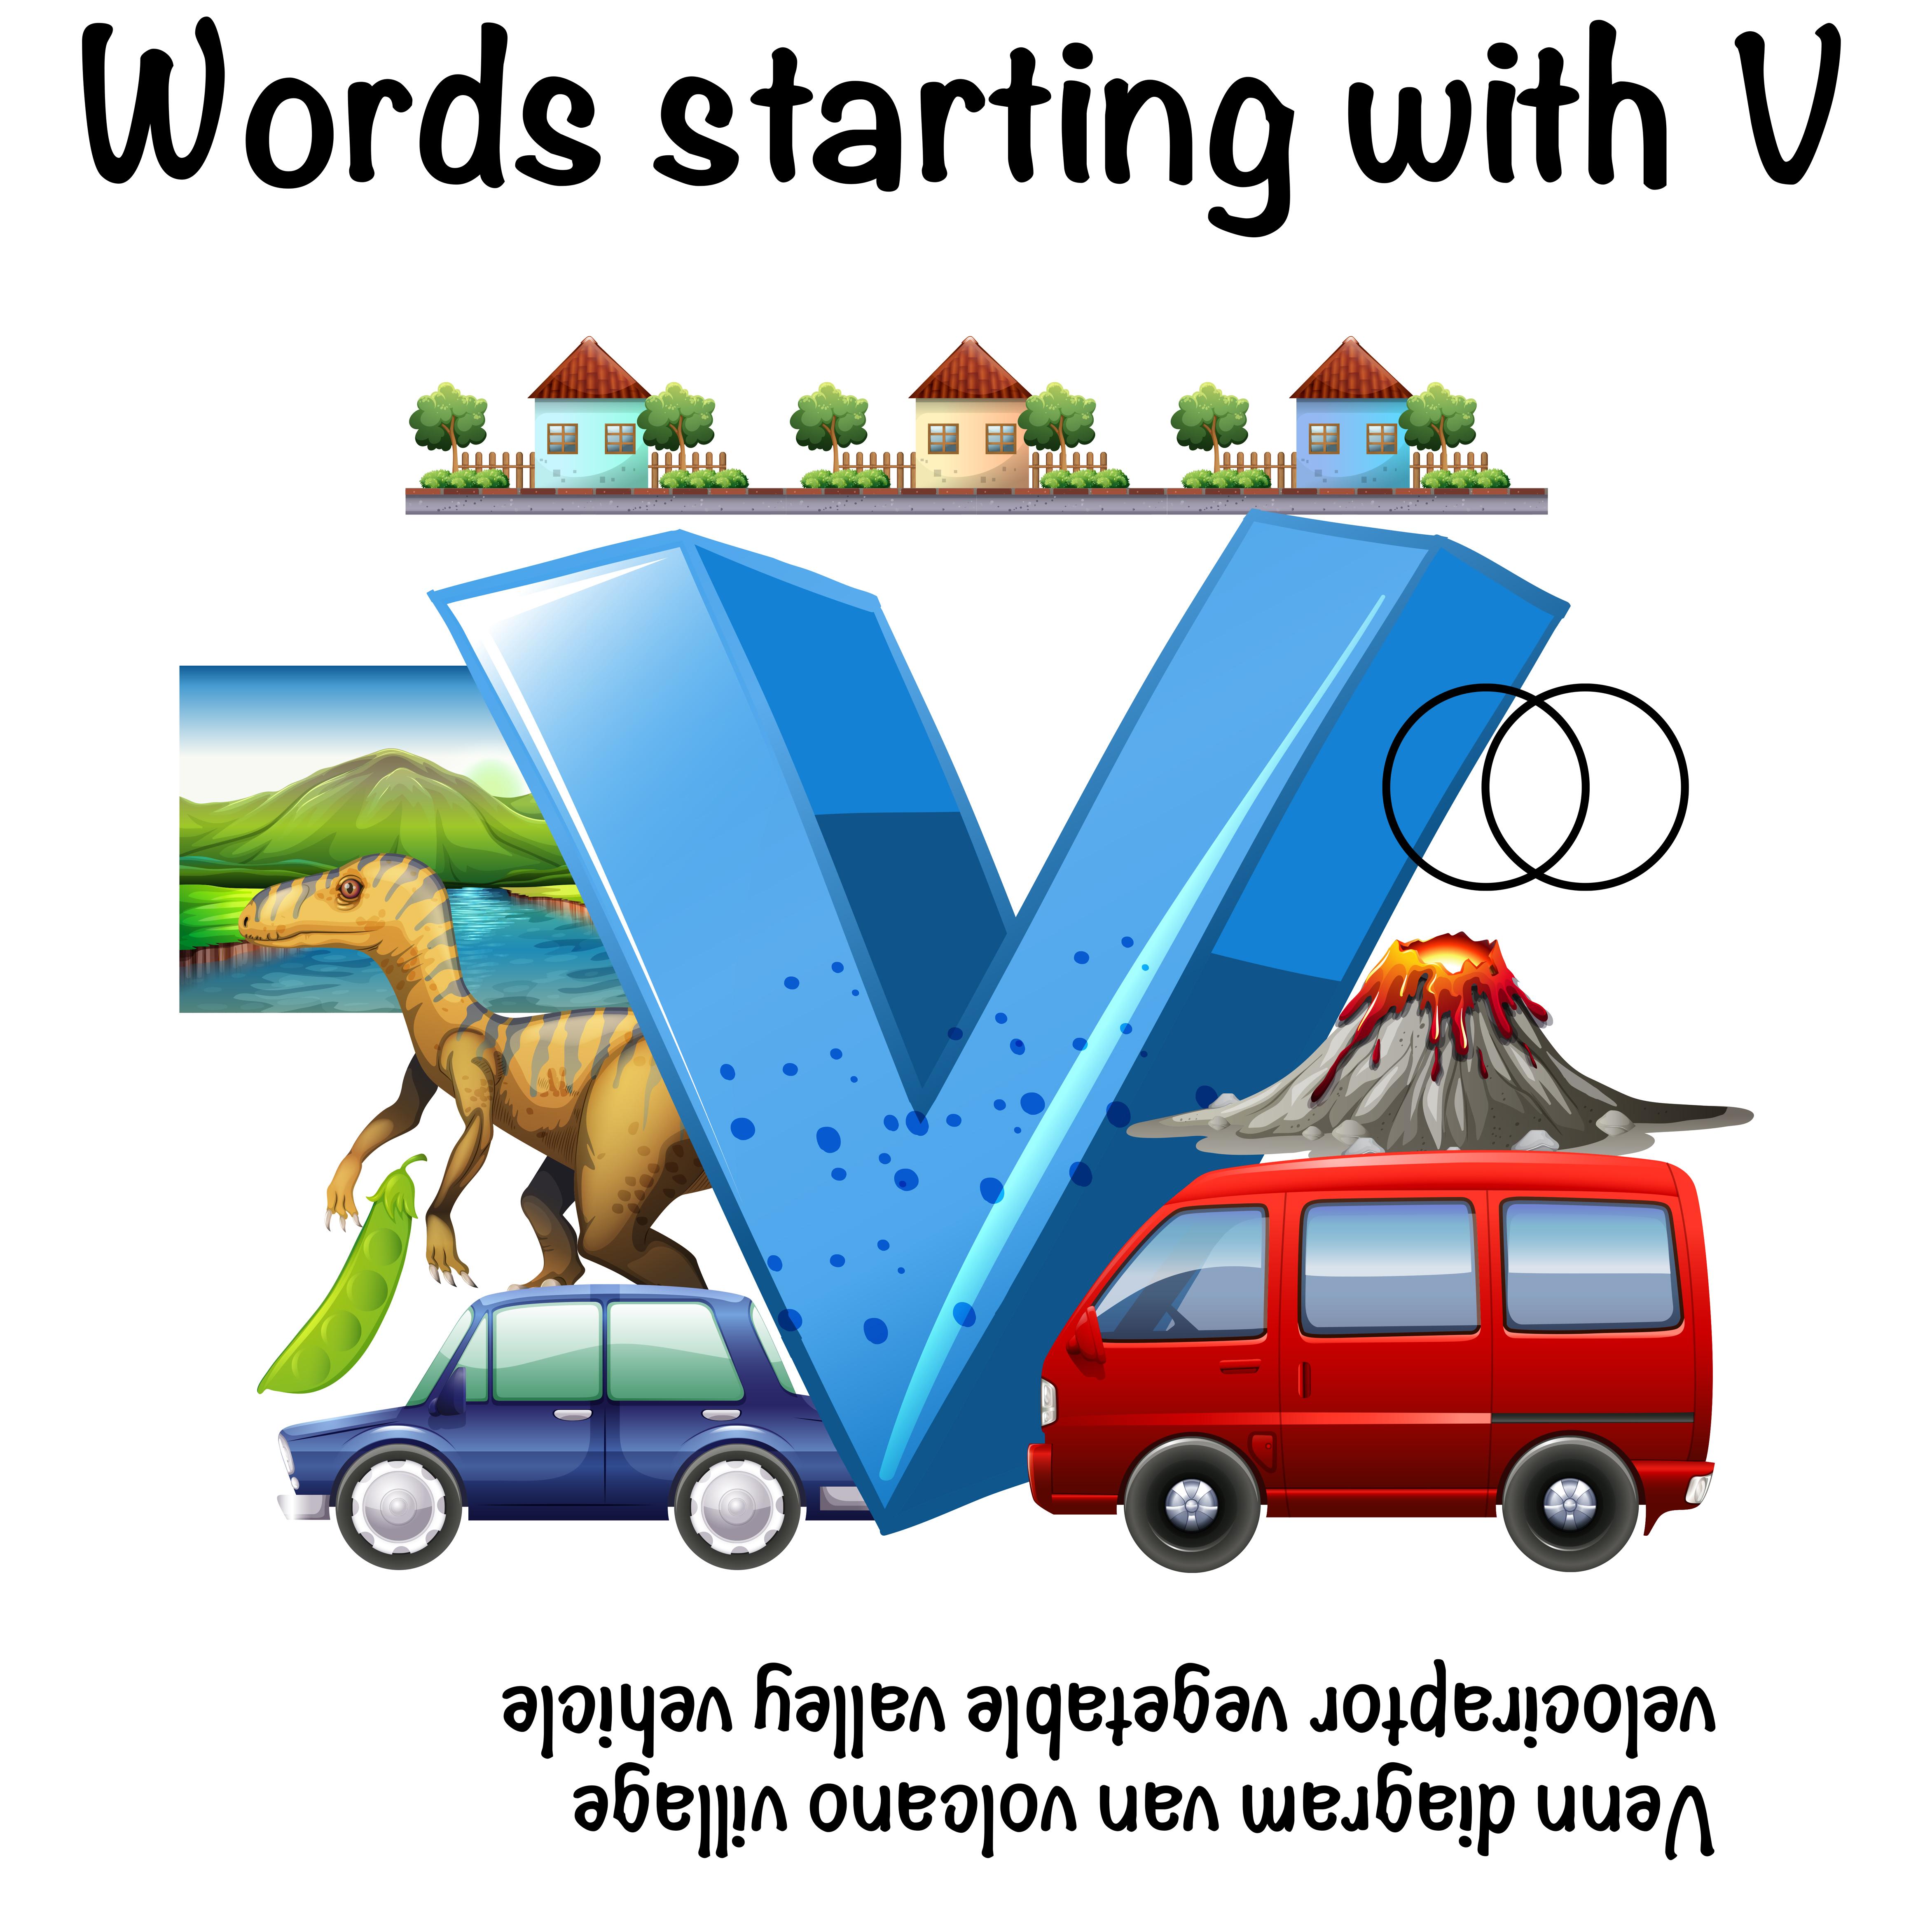 Worksheet Design For Words Starting With V